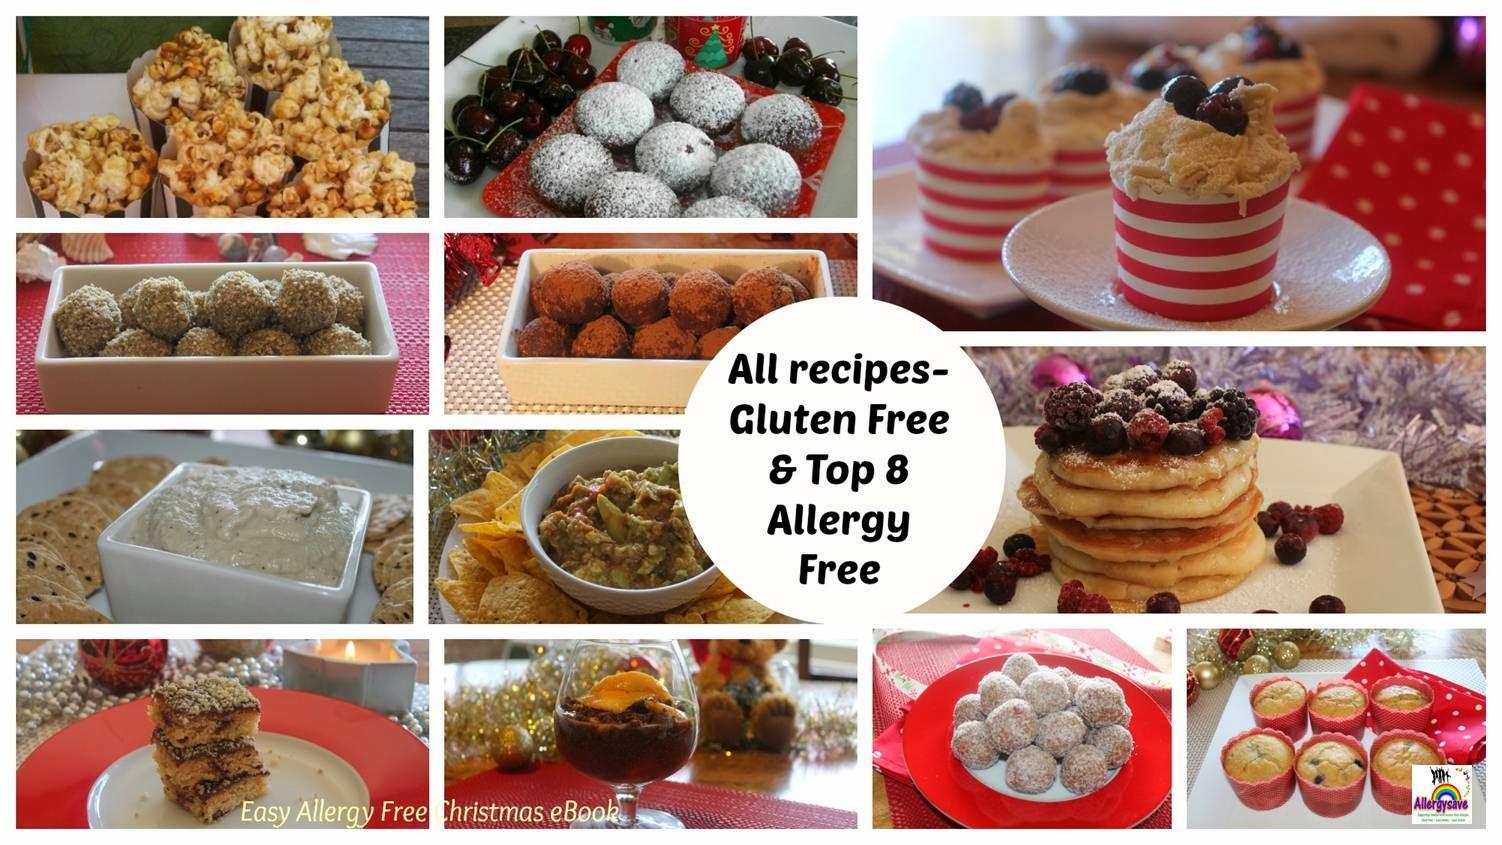 http://www.allergysave.com/christmas-recipe-ebook